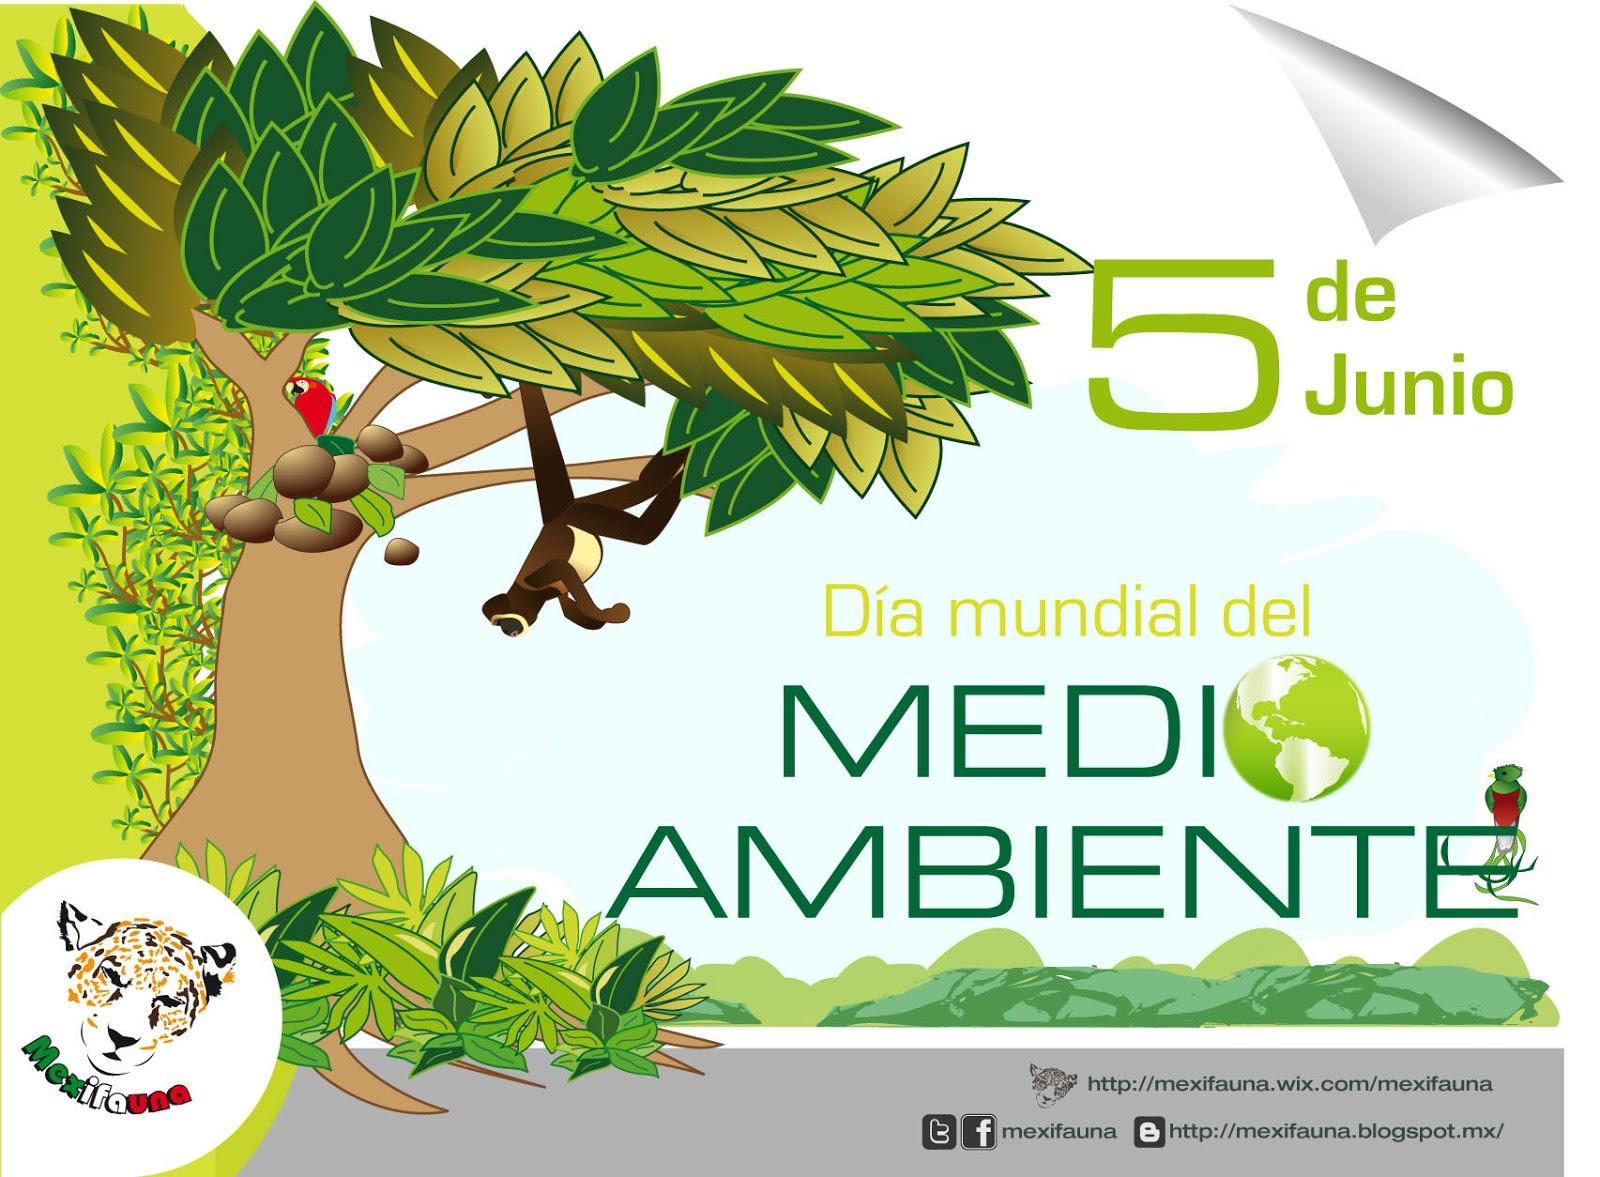 El Día Mundial del Medio Ambiente es uno de los principales